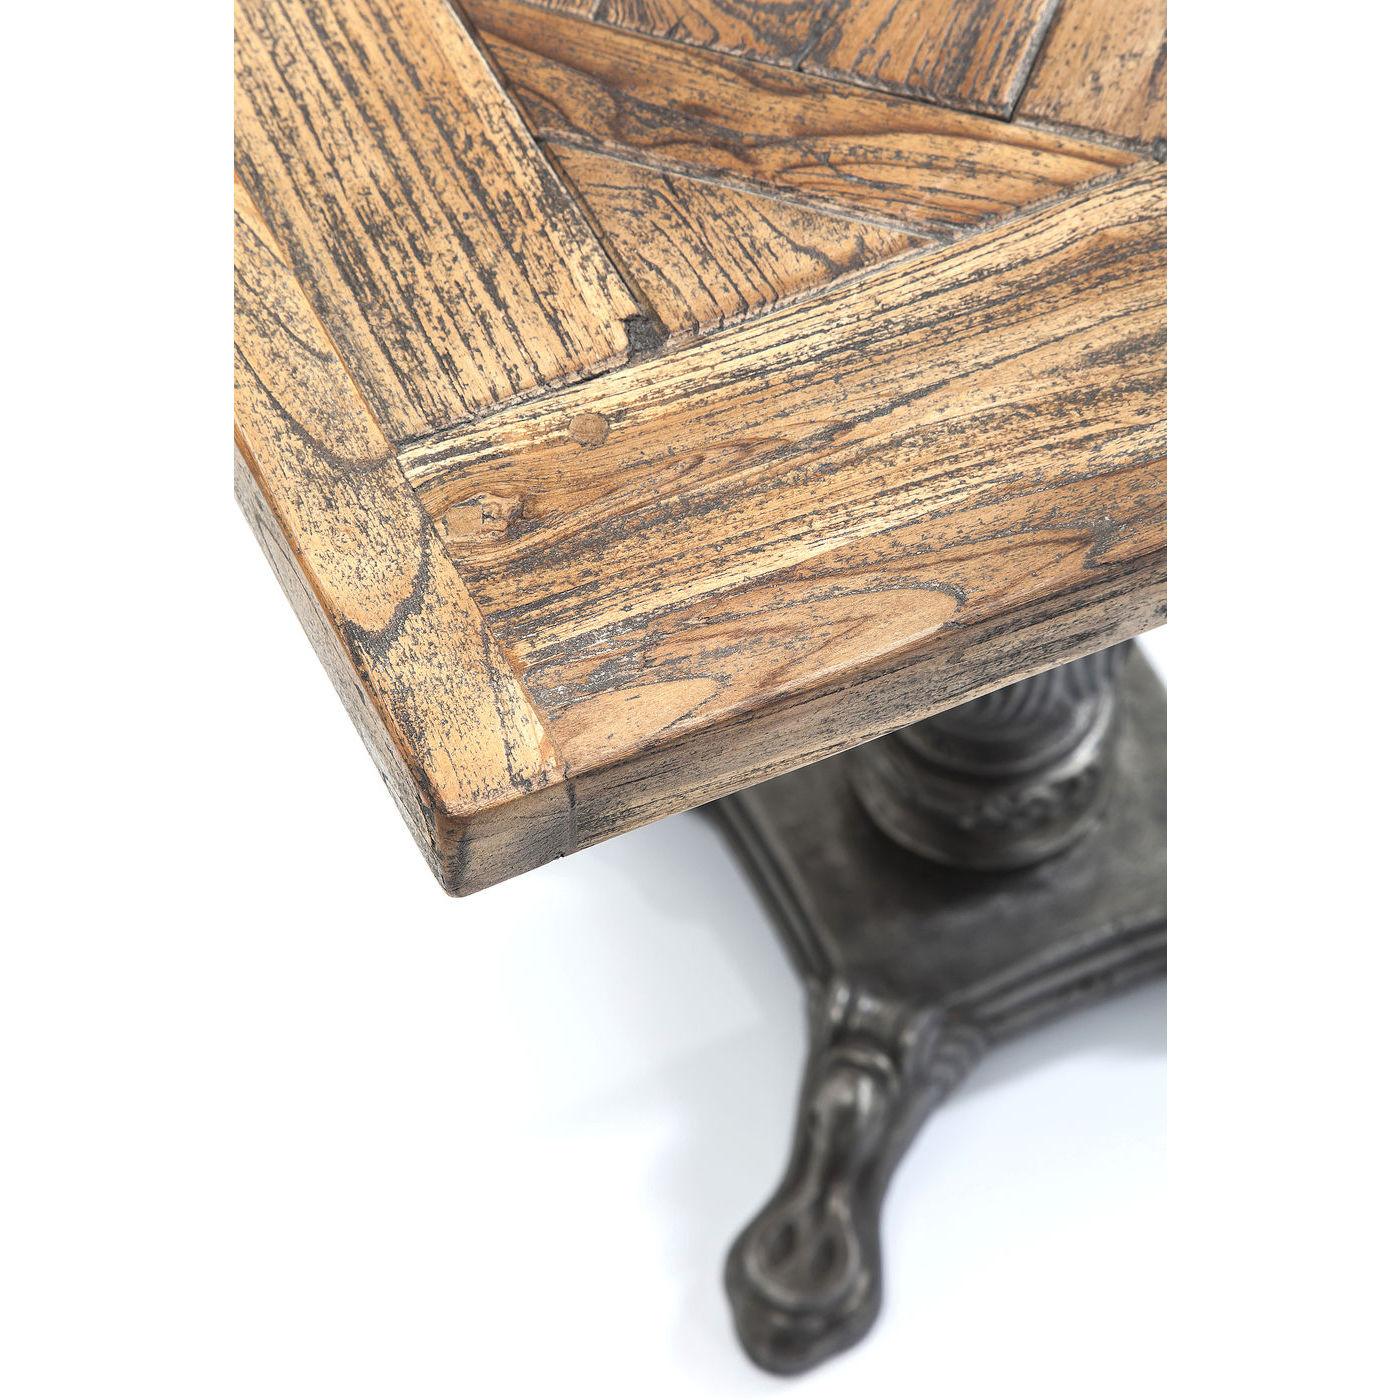 tisch bistrotisch holztisch esstisch quadratisch 70x70 mosaik rustikal neu kare ebay. Black Bedroom Furniture Sets. Home Design Ideas